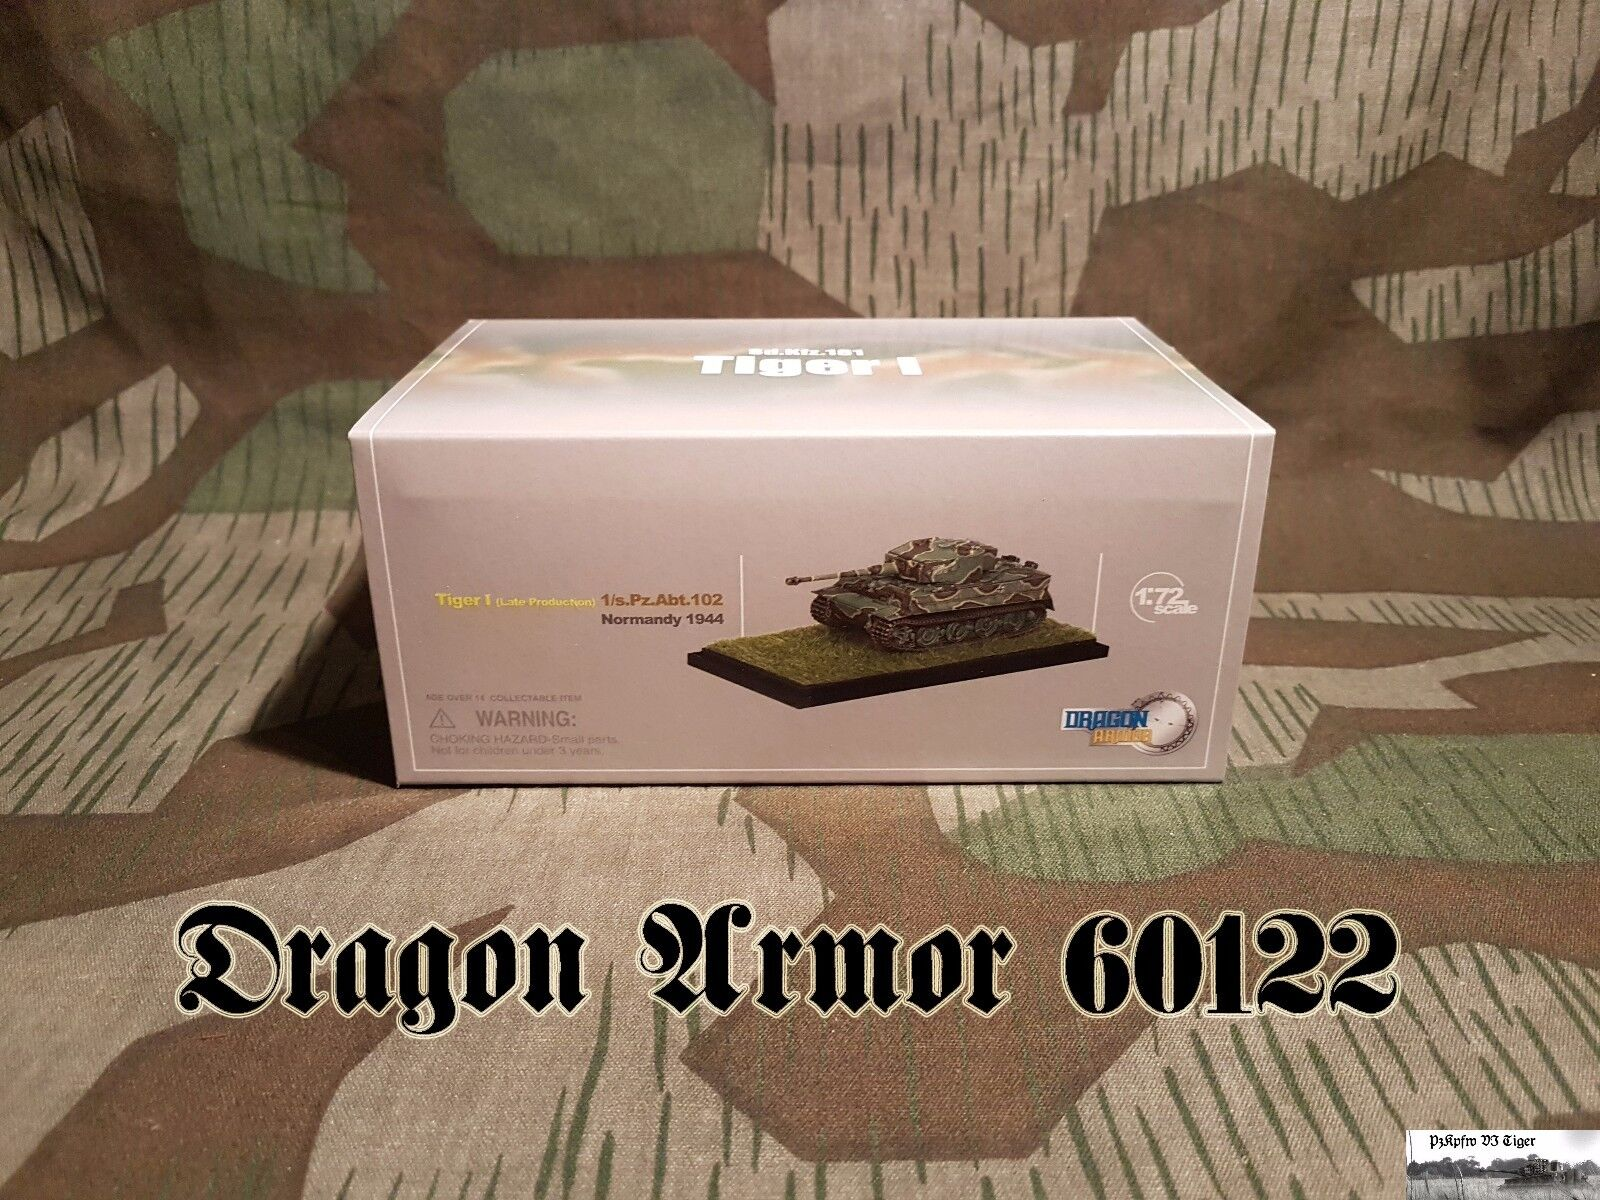 buscando agente de ventas  122 Dragon Armor 60122 Tiger I late late late production w Zimmerit, 1. s.pz.abt.102 1 72  tomamos a los clientes como nuestro dios